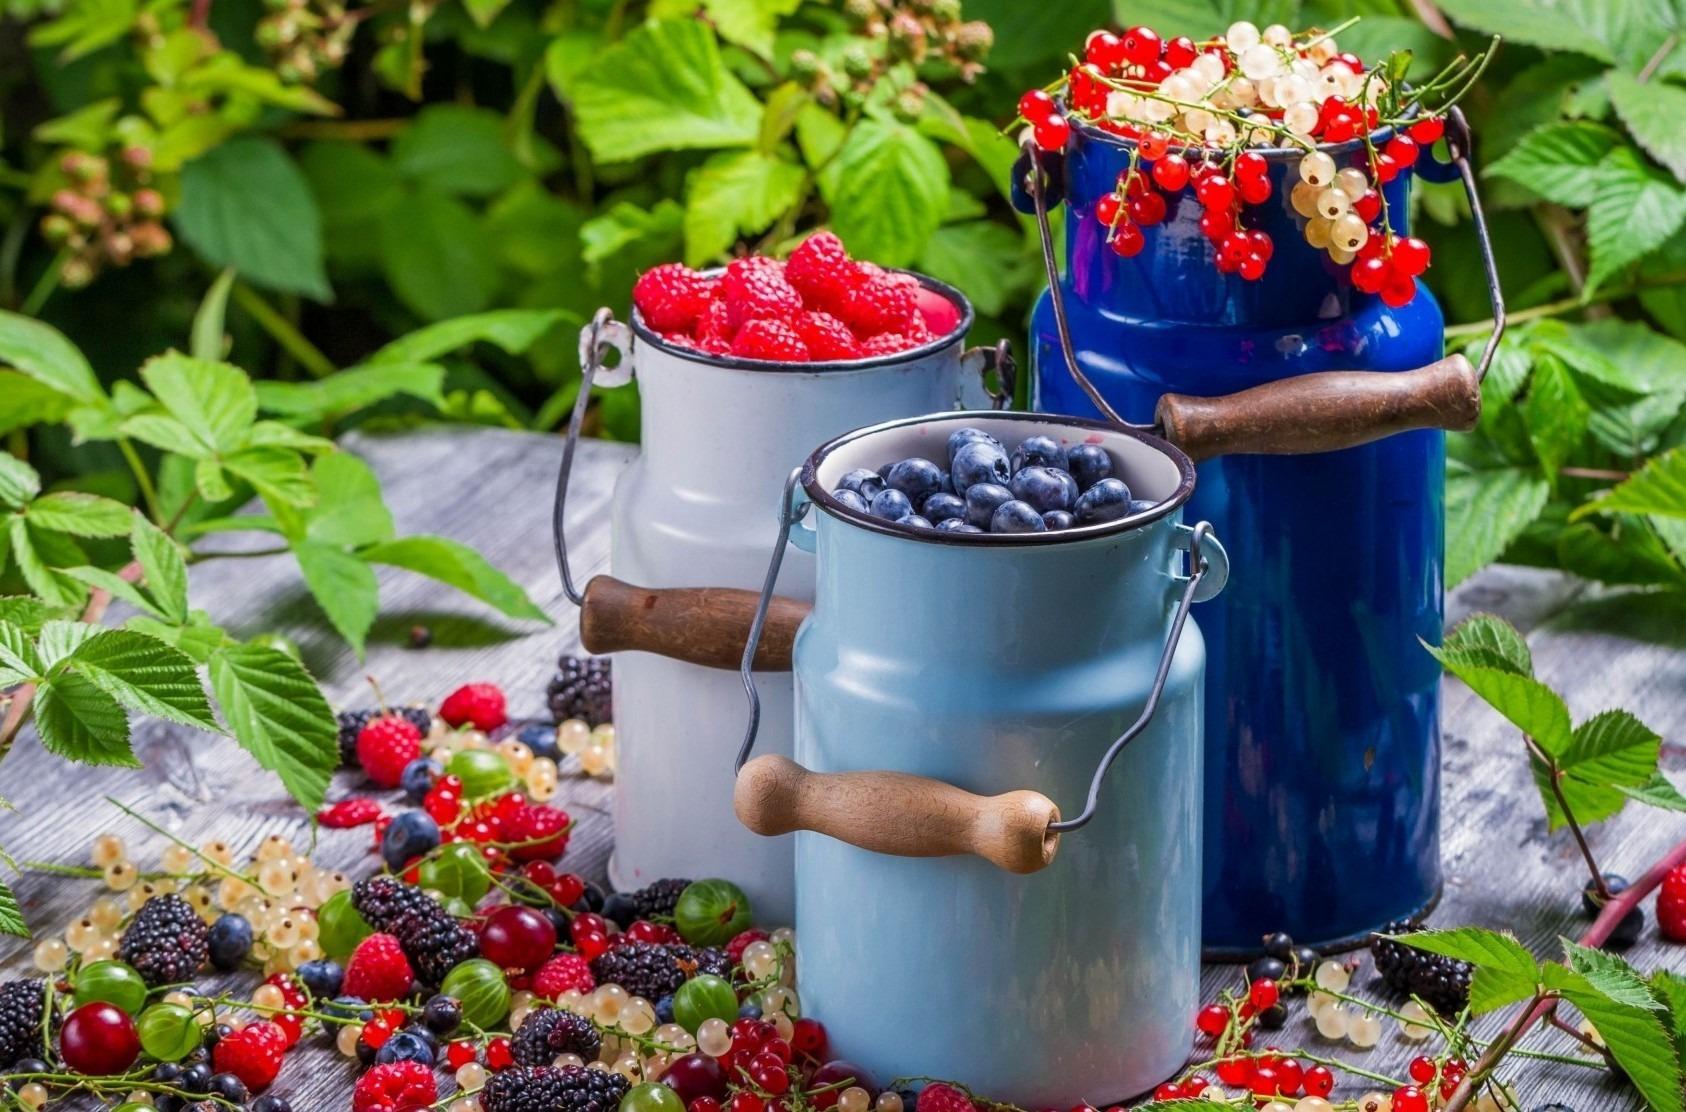 Диетолог Мухина посоветовала сочетать ягоды со сметаной и творогом